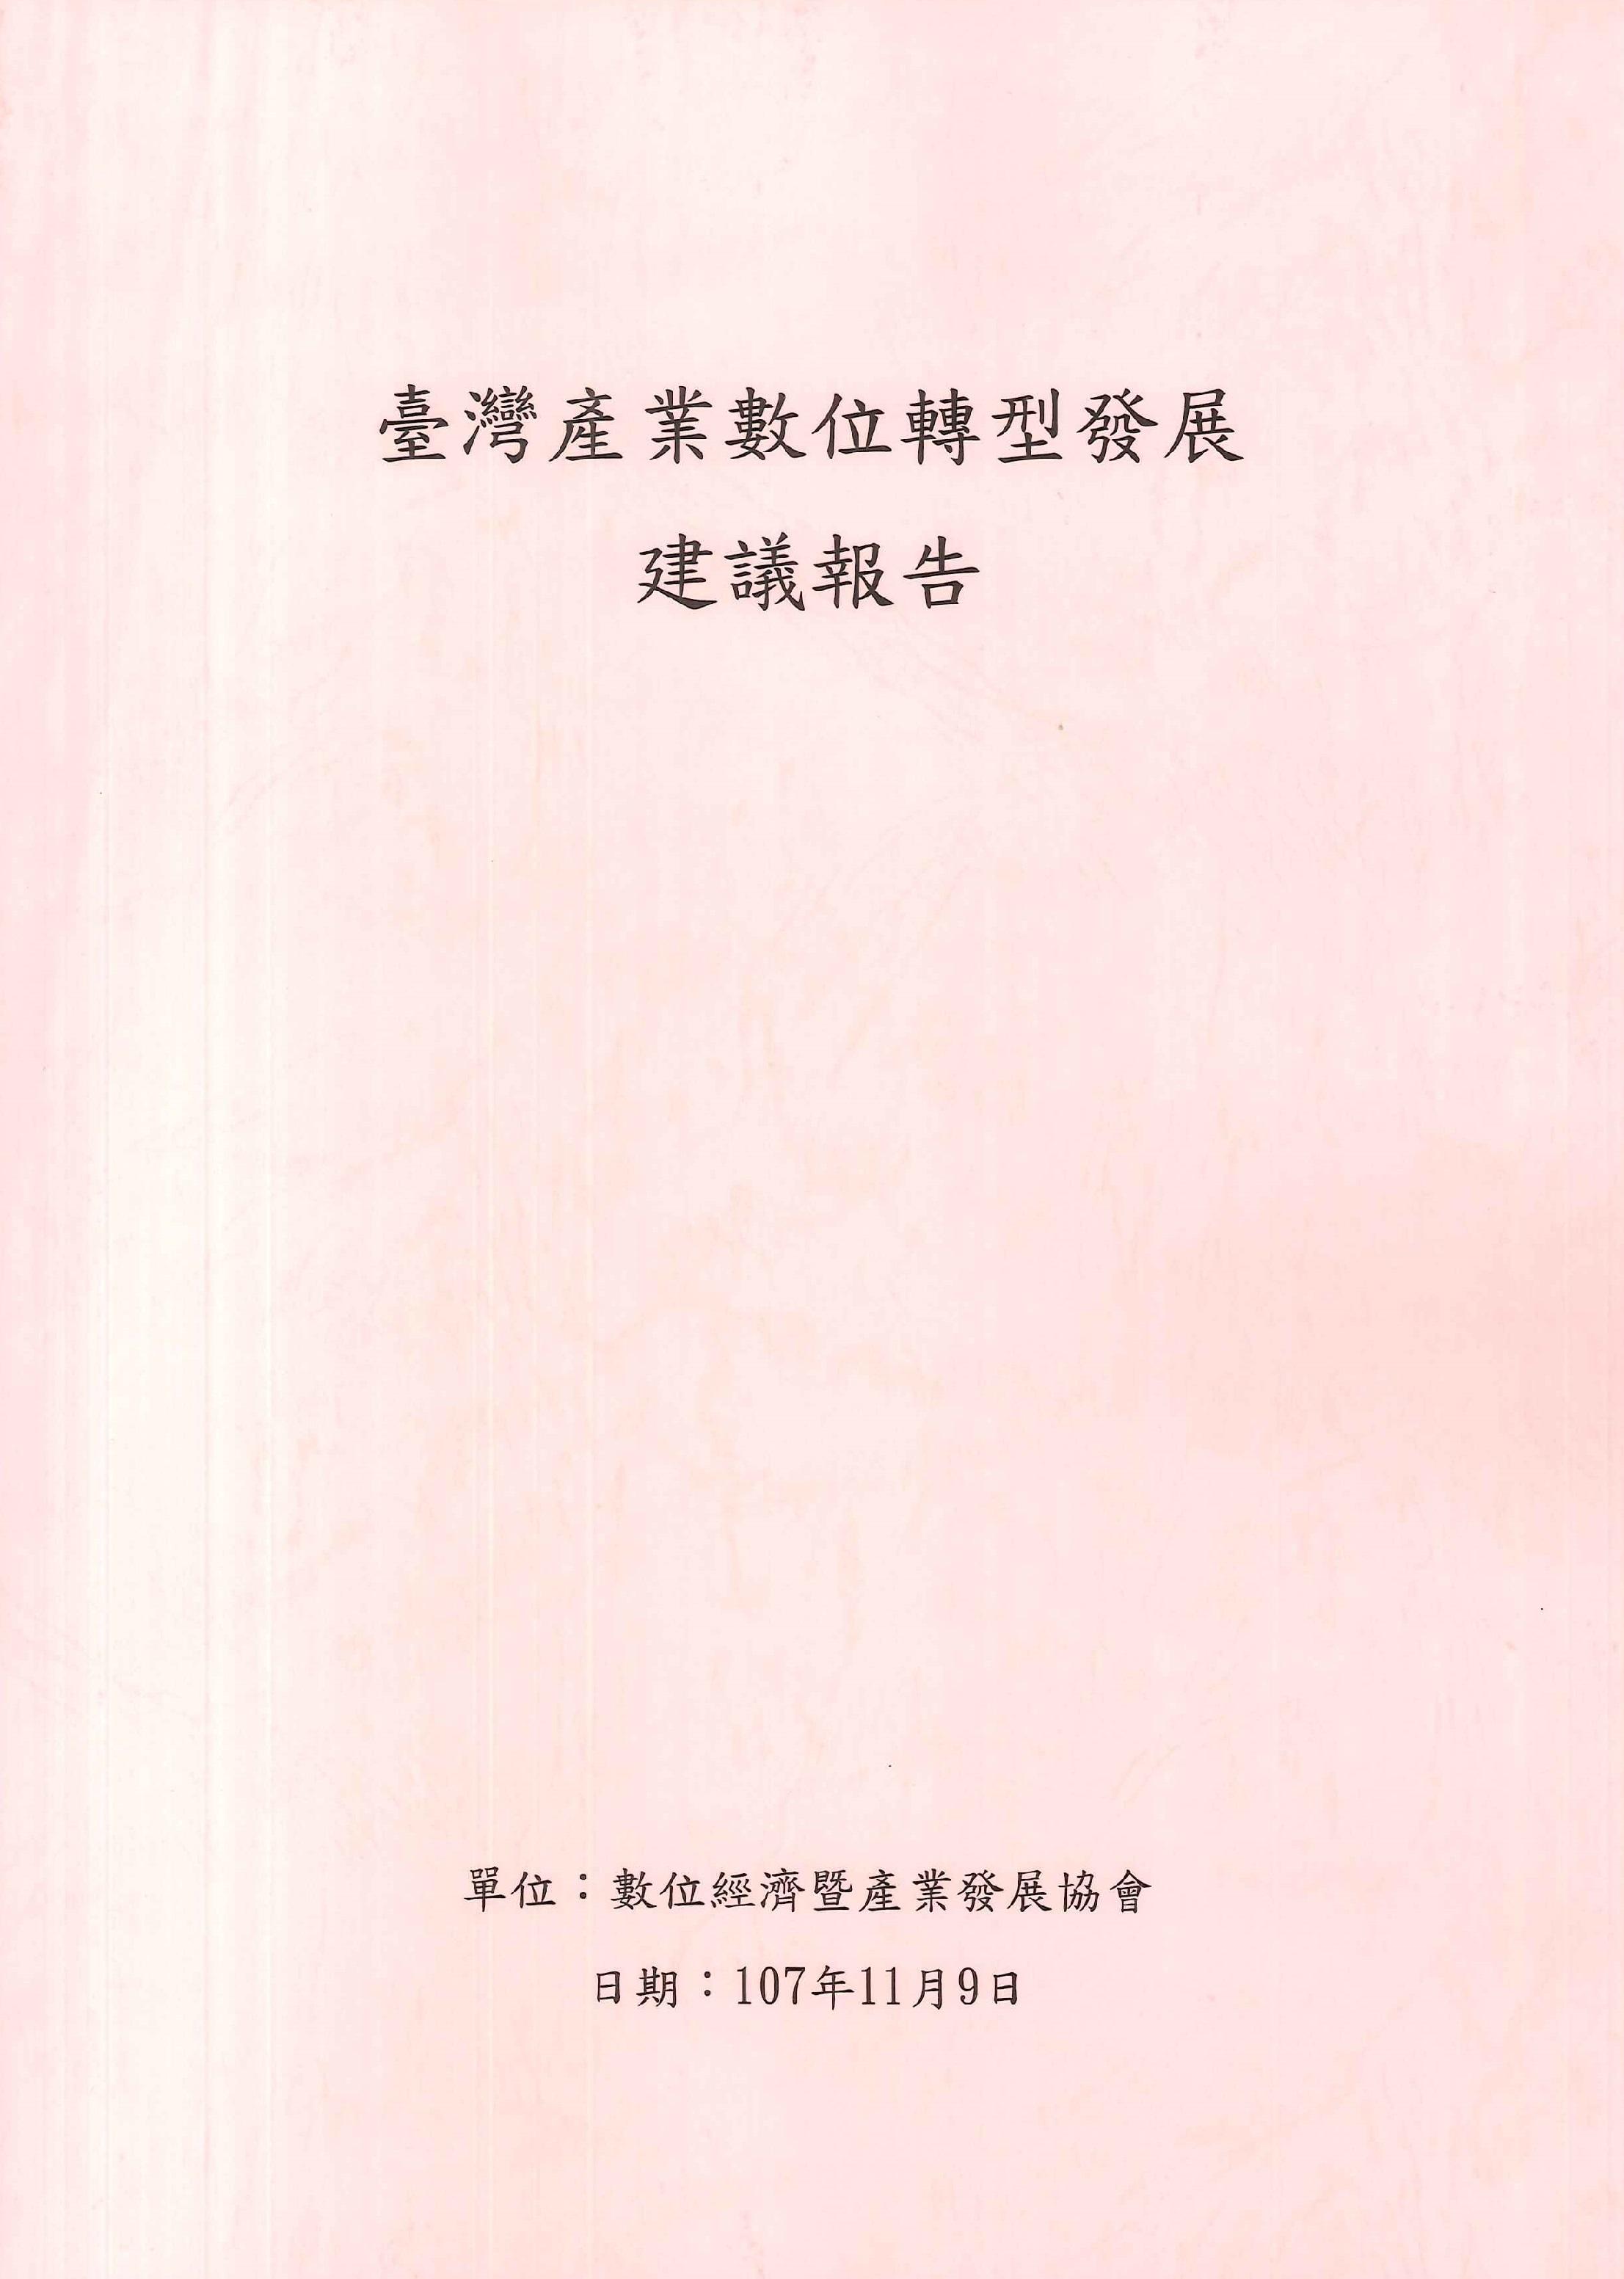 臺灣產業數位轉型發展建議報告